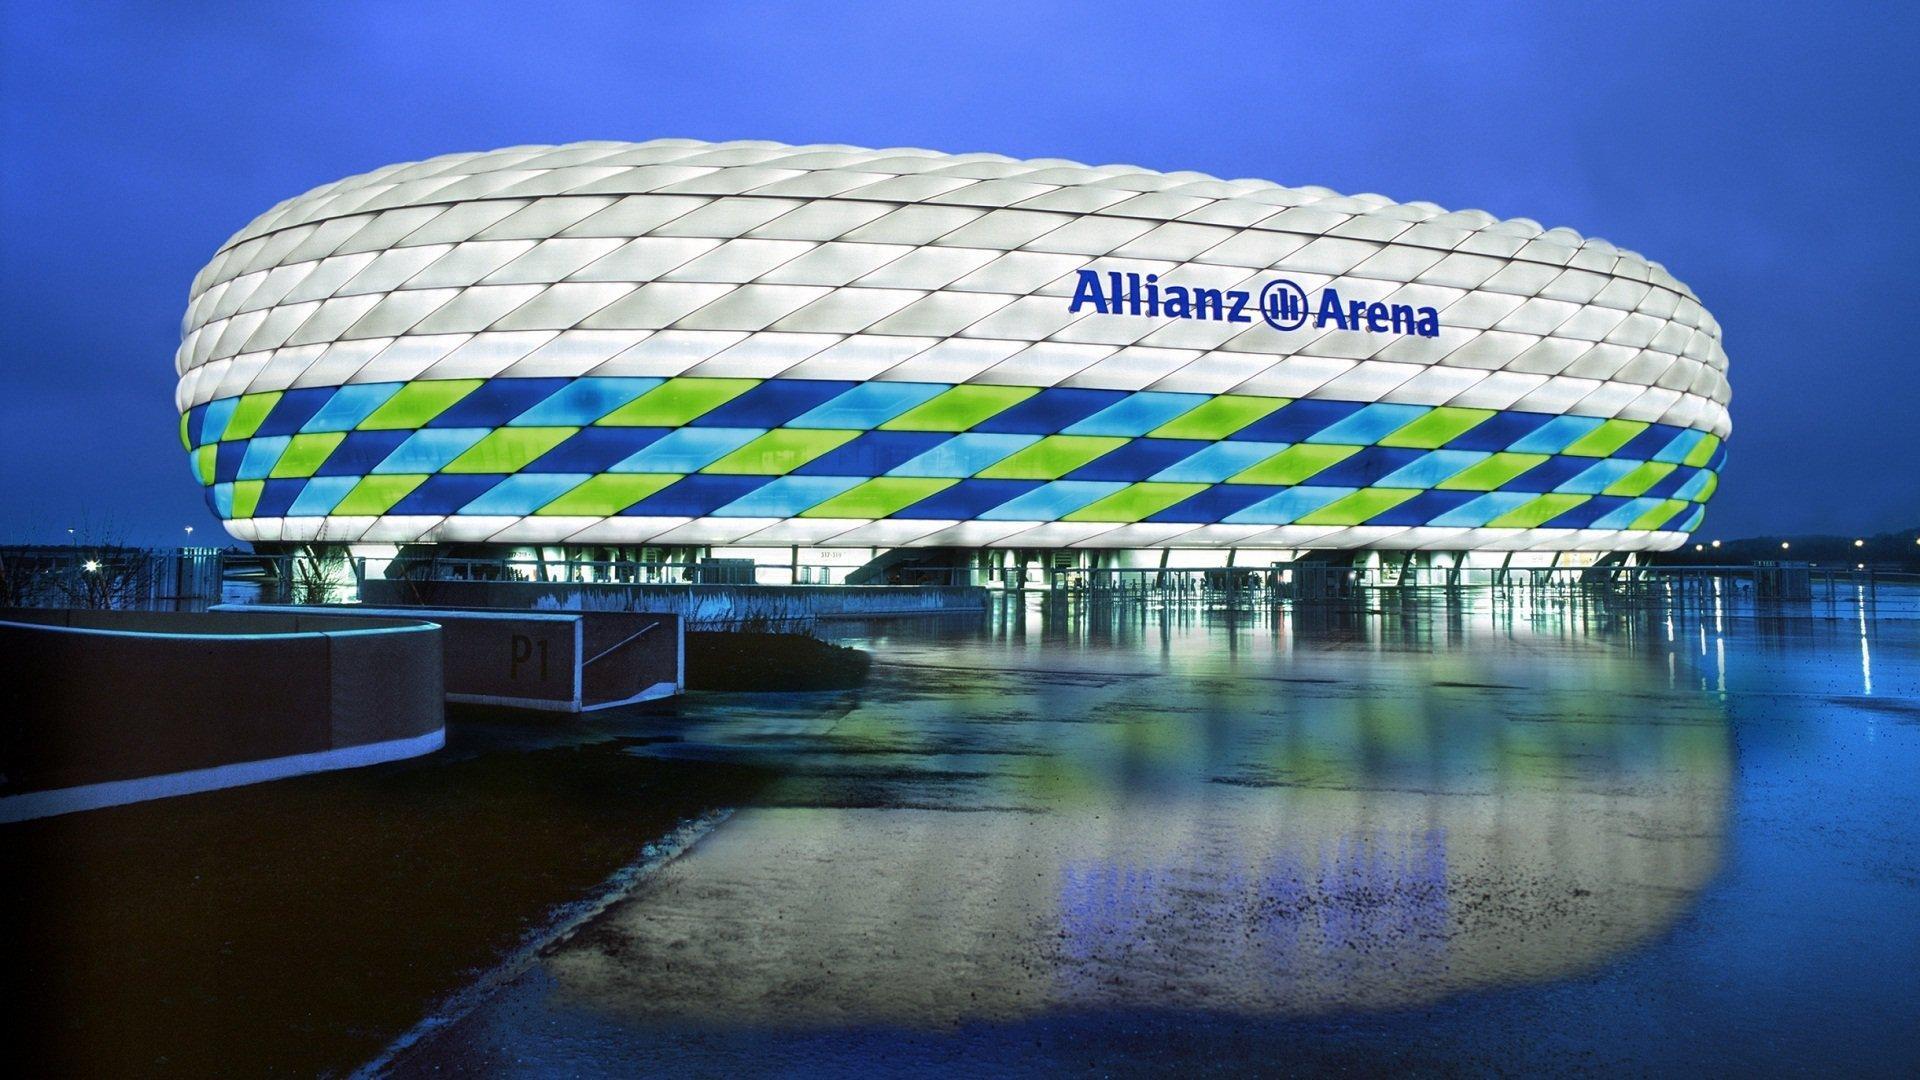 Обои альянц арена, мюнхен, подсветка, германия, стадион. Города foto 10